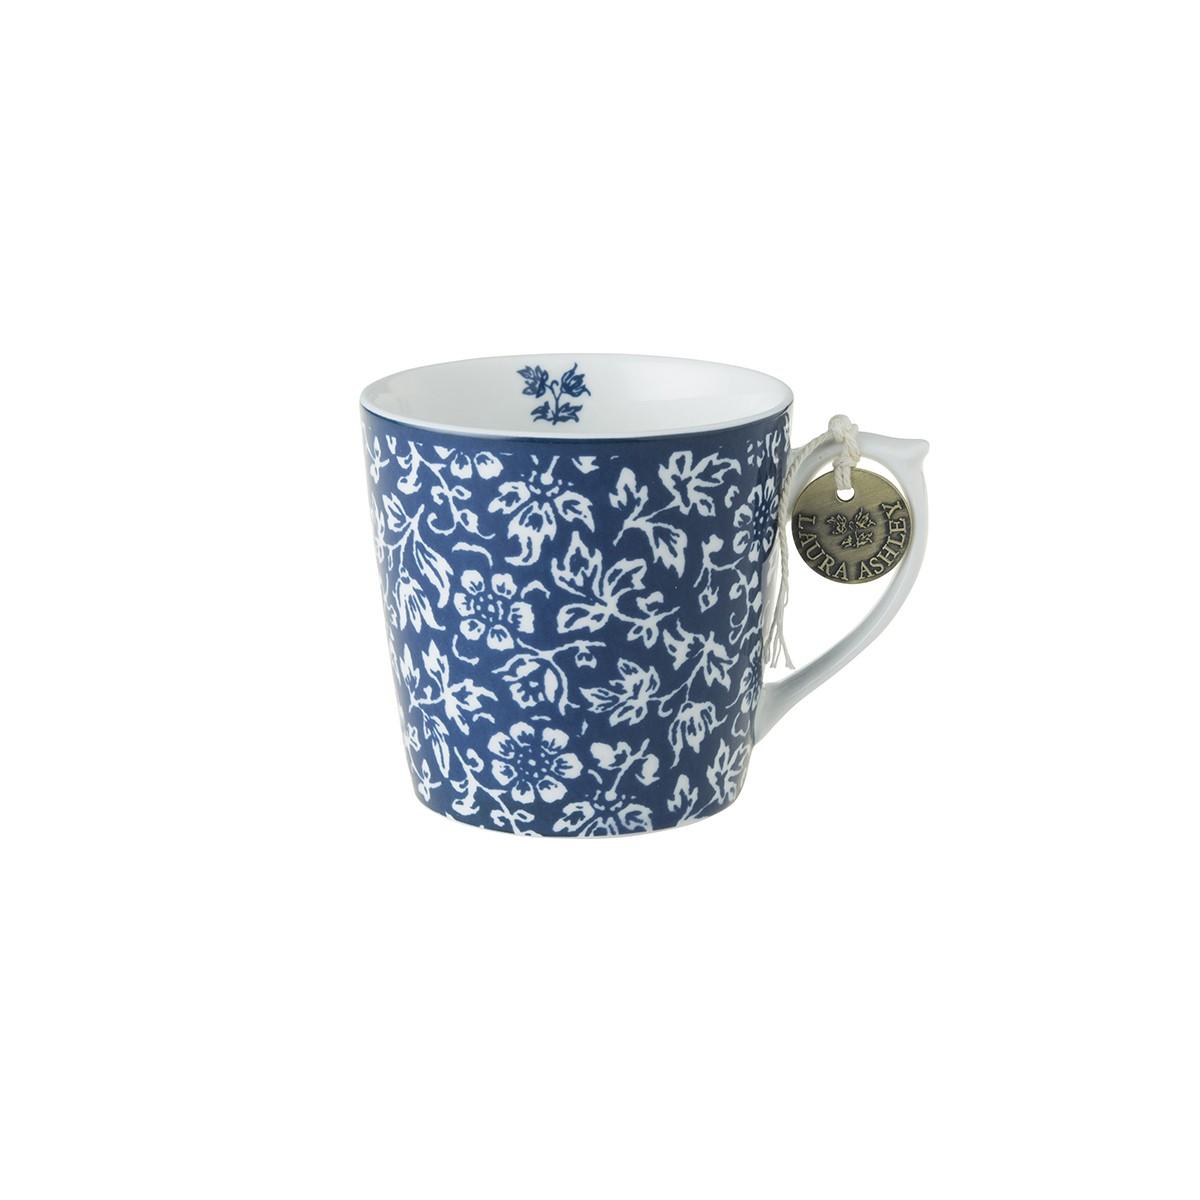 Κούπα Laura Ashley Allysum Fine Bone China 220ml home   ειδη cafe τσαϊ   κούπες   φλυτζάνια